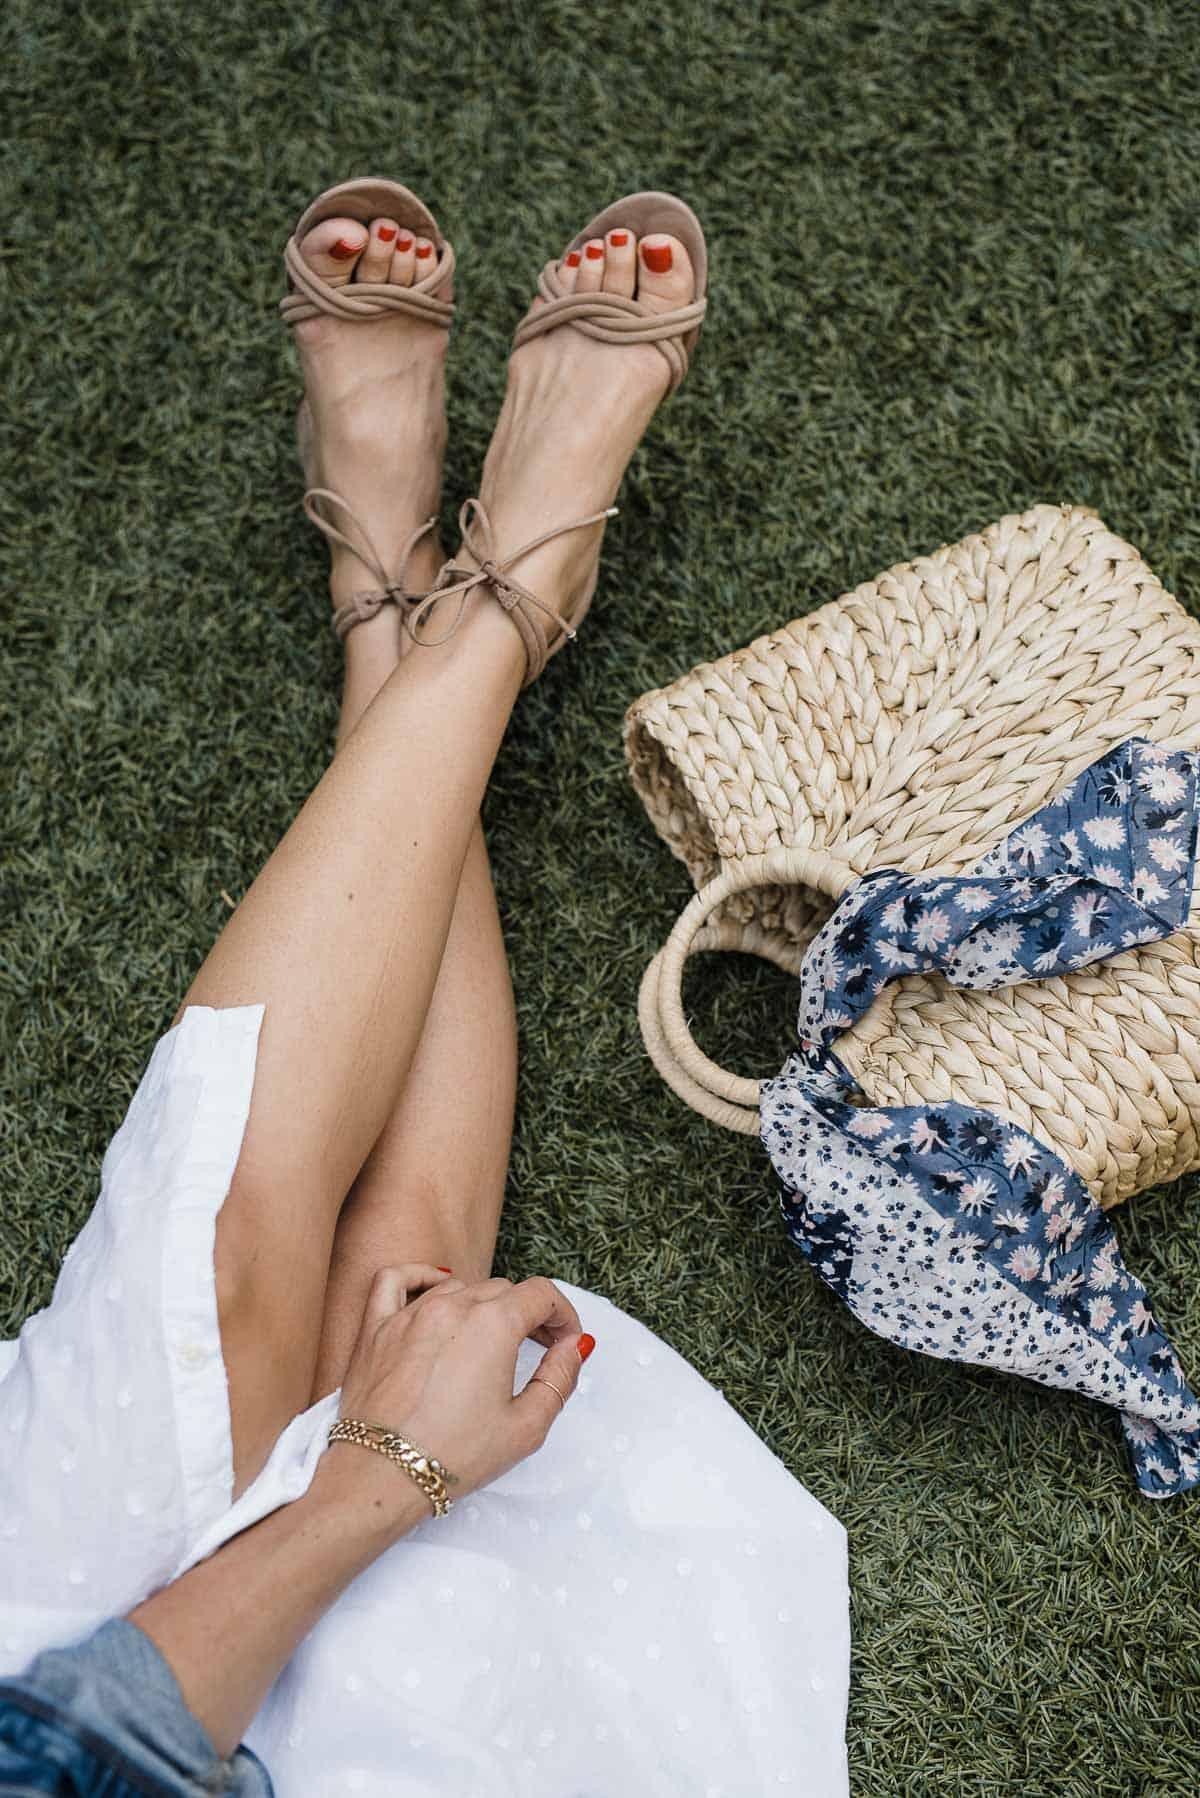 schutz sandals with hat attack bag